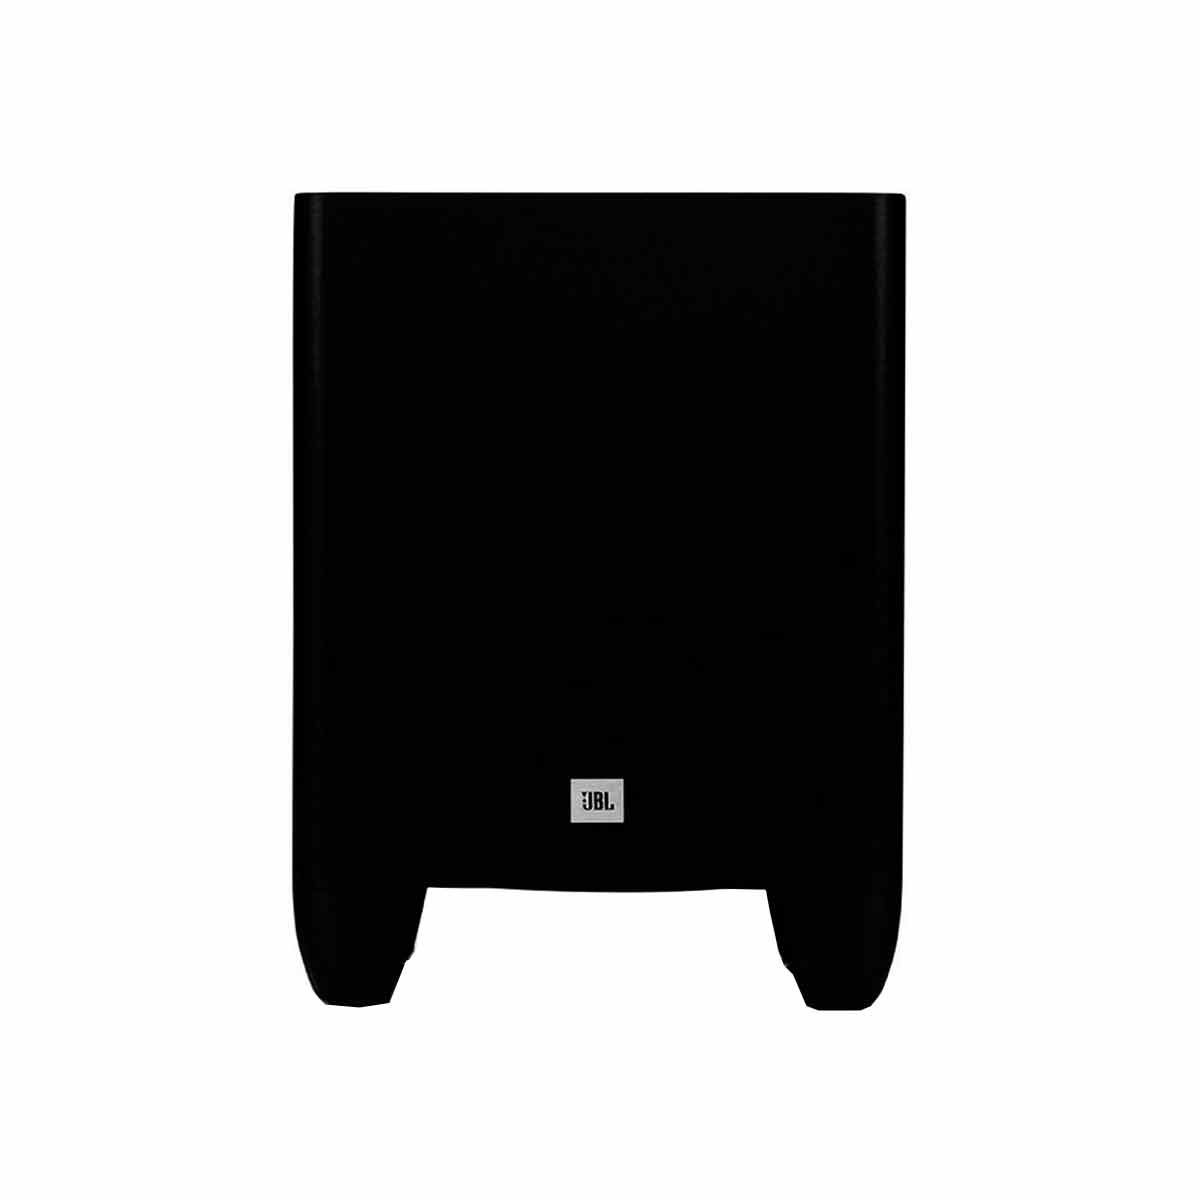 CinemaSB350 - SoundBar 2.1 Canais c/ Bluetooth e Subwoofer s/ Fio Cinema SB 350 - JBL